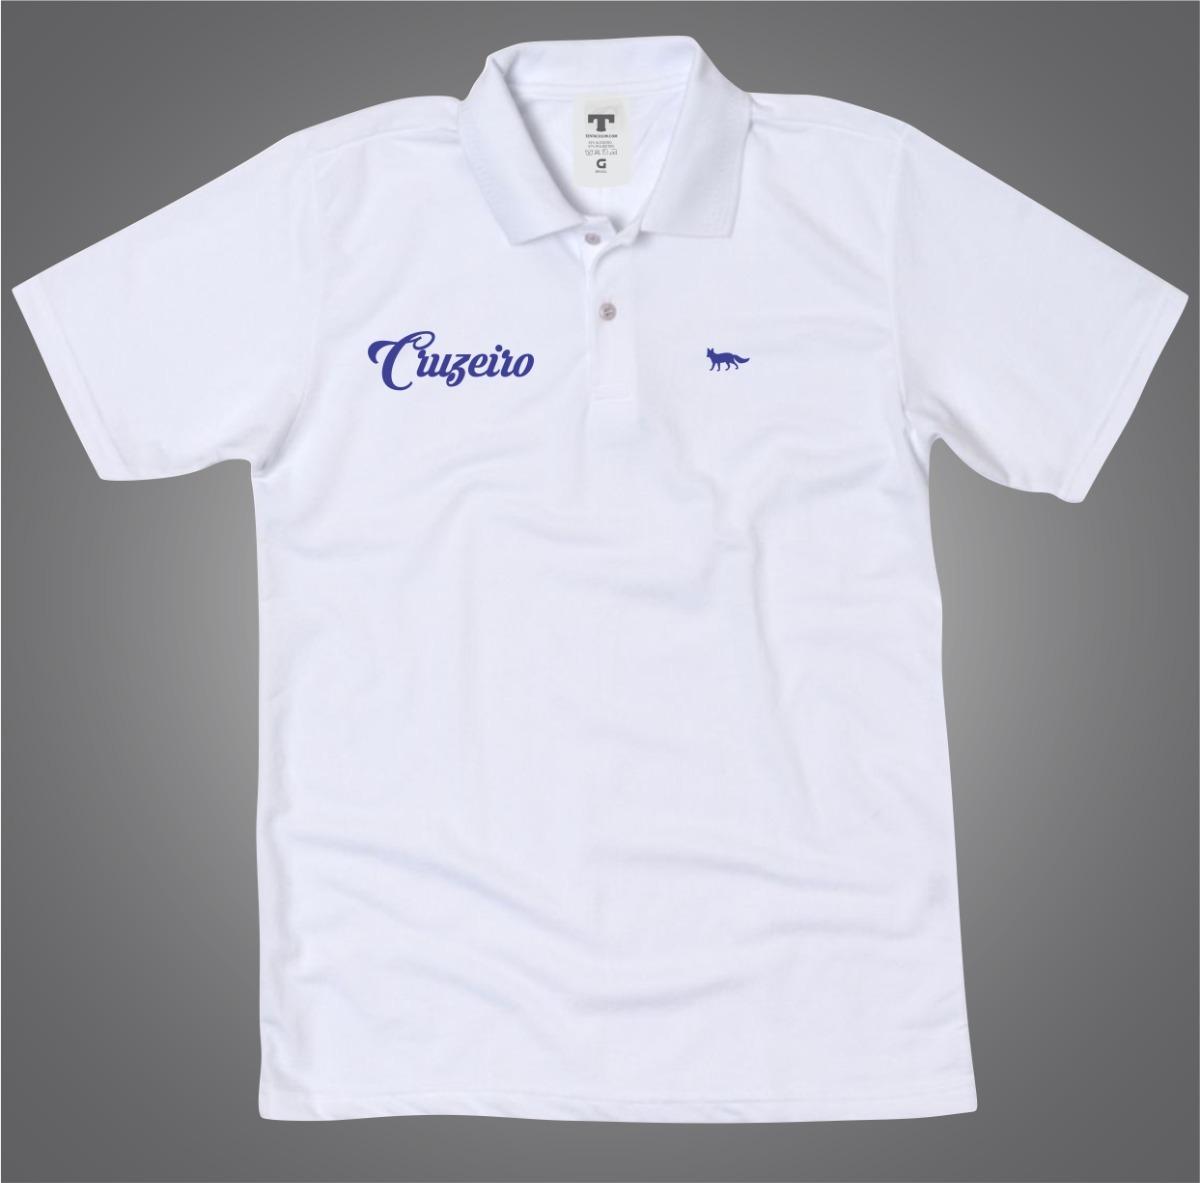 a49082d28c Camisa Polo Cruzeiro Azul Branco Cinza Blusa Cruzeiro Polo - R  54 ...